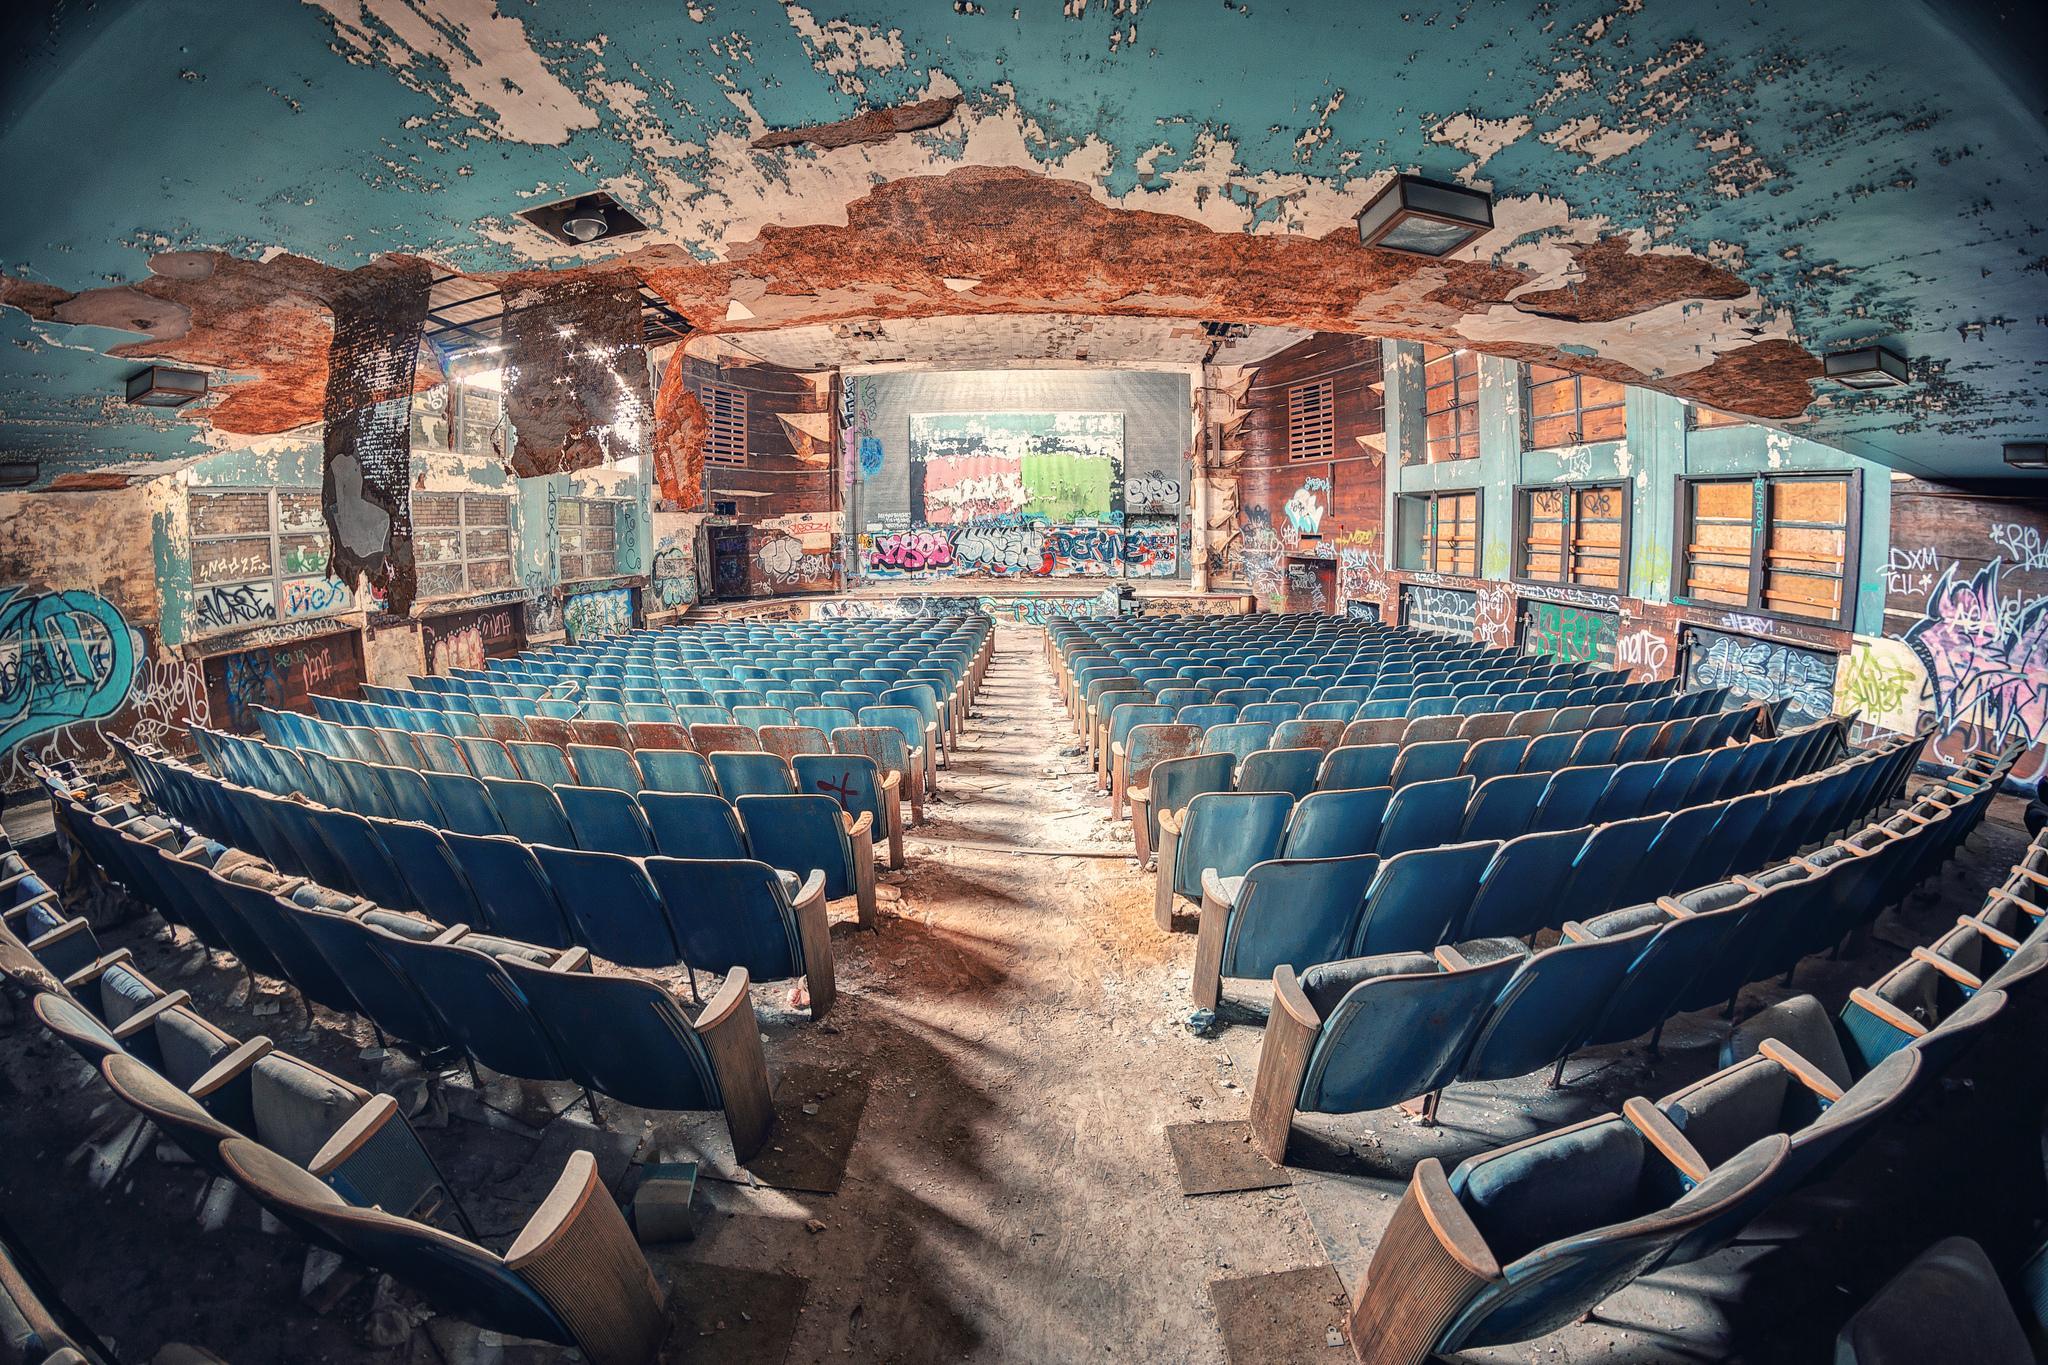 обои Auditorium, Актовый зал, архитектура картинки фото